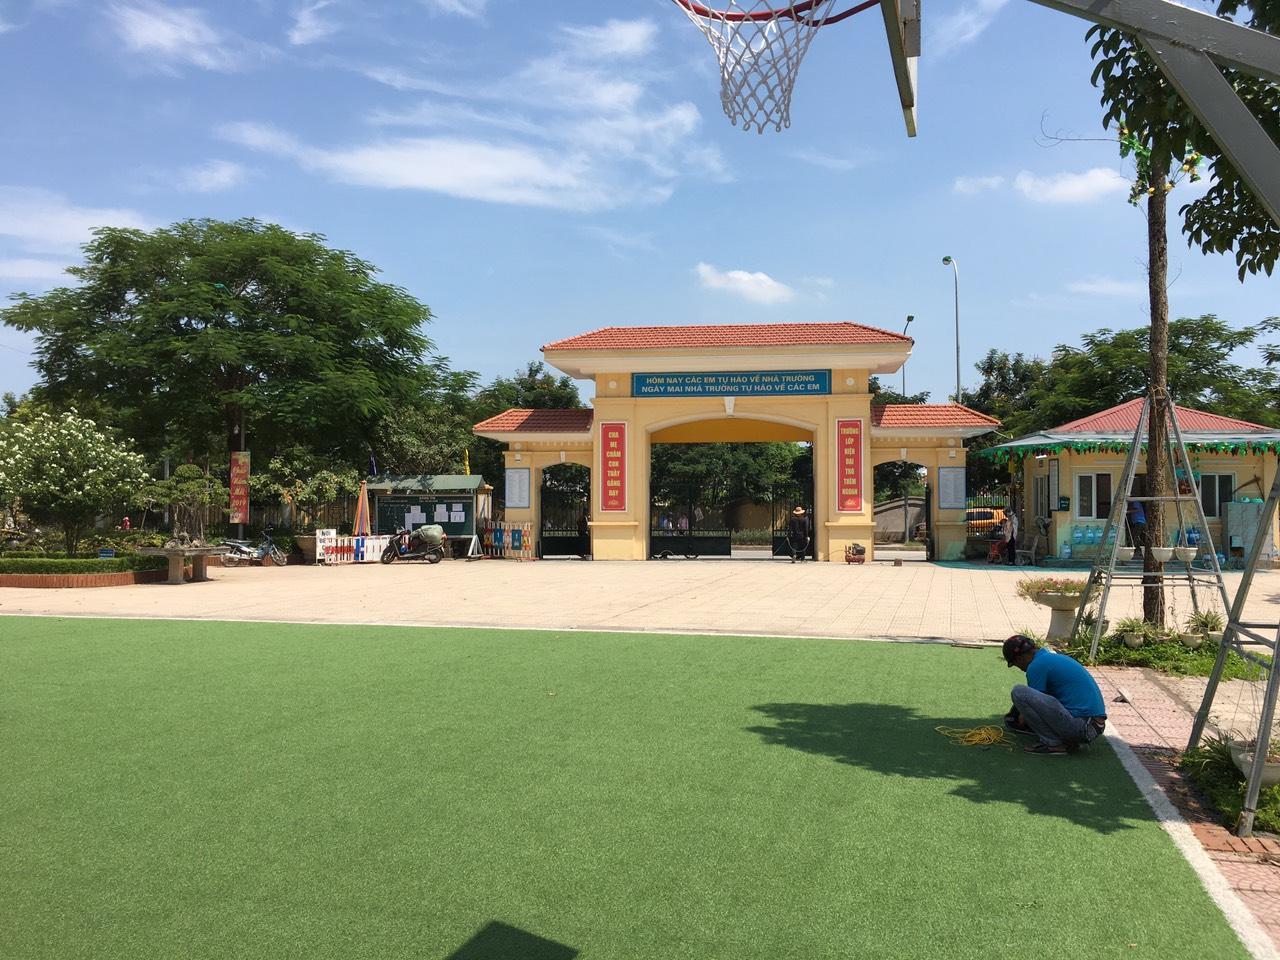 Lắp đặt hệ thống âm thanh thông báo trường học tại THCS Thanh Liệt 1